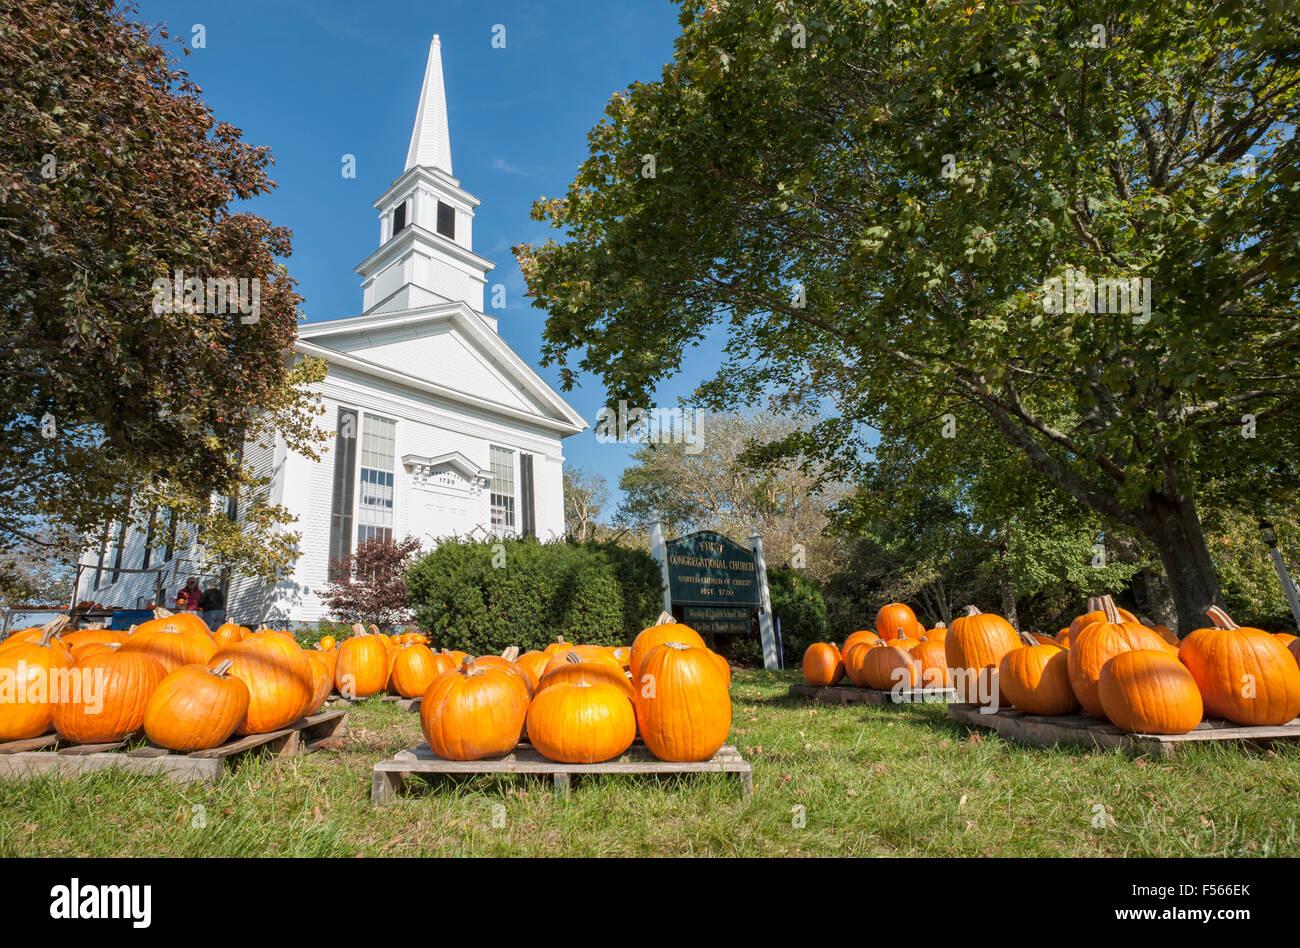 pumpkin-patch-pumpkins-for-sale-at-the-first-congregational-church-F566EK.jpg